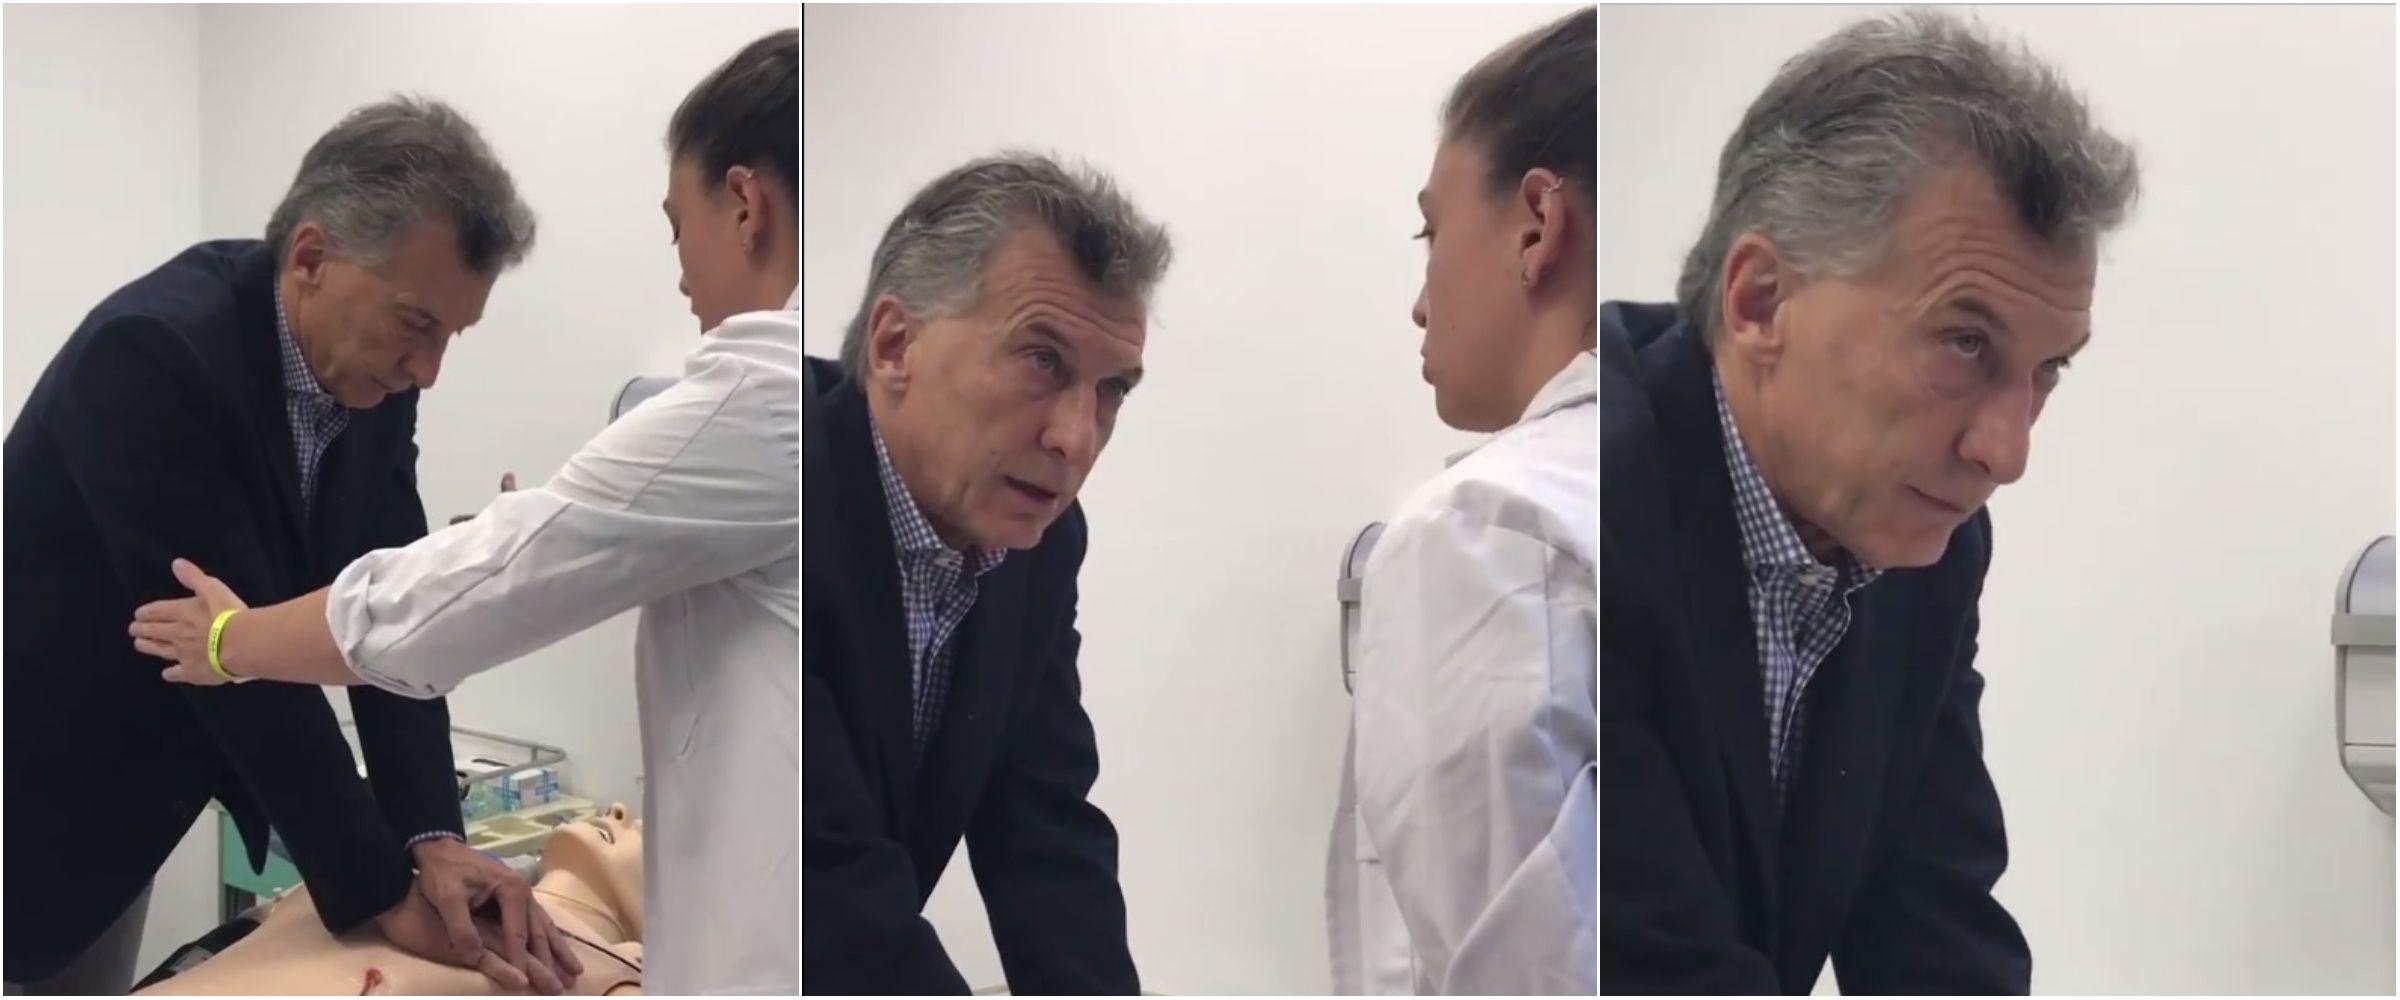 Mauricio Macri aprendiendo a hacer RCP